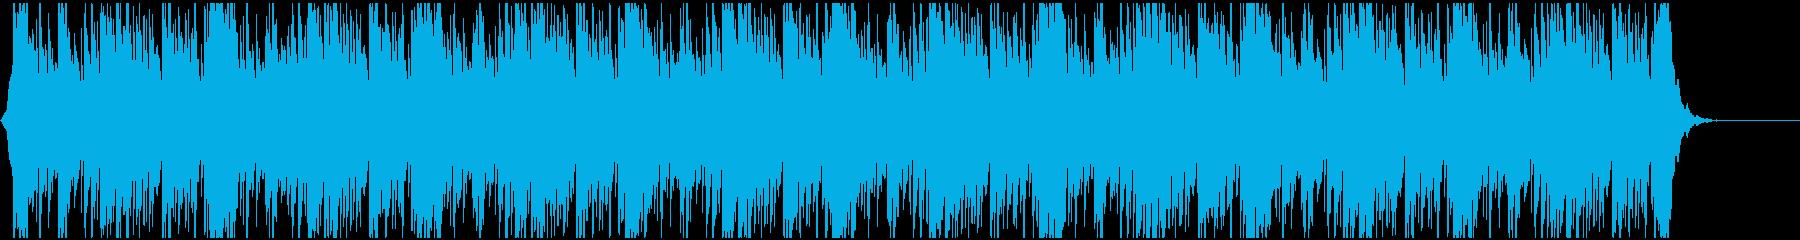 チュートリアル、神秘的、物語説明の再生済みの波形